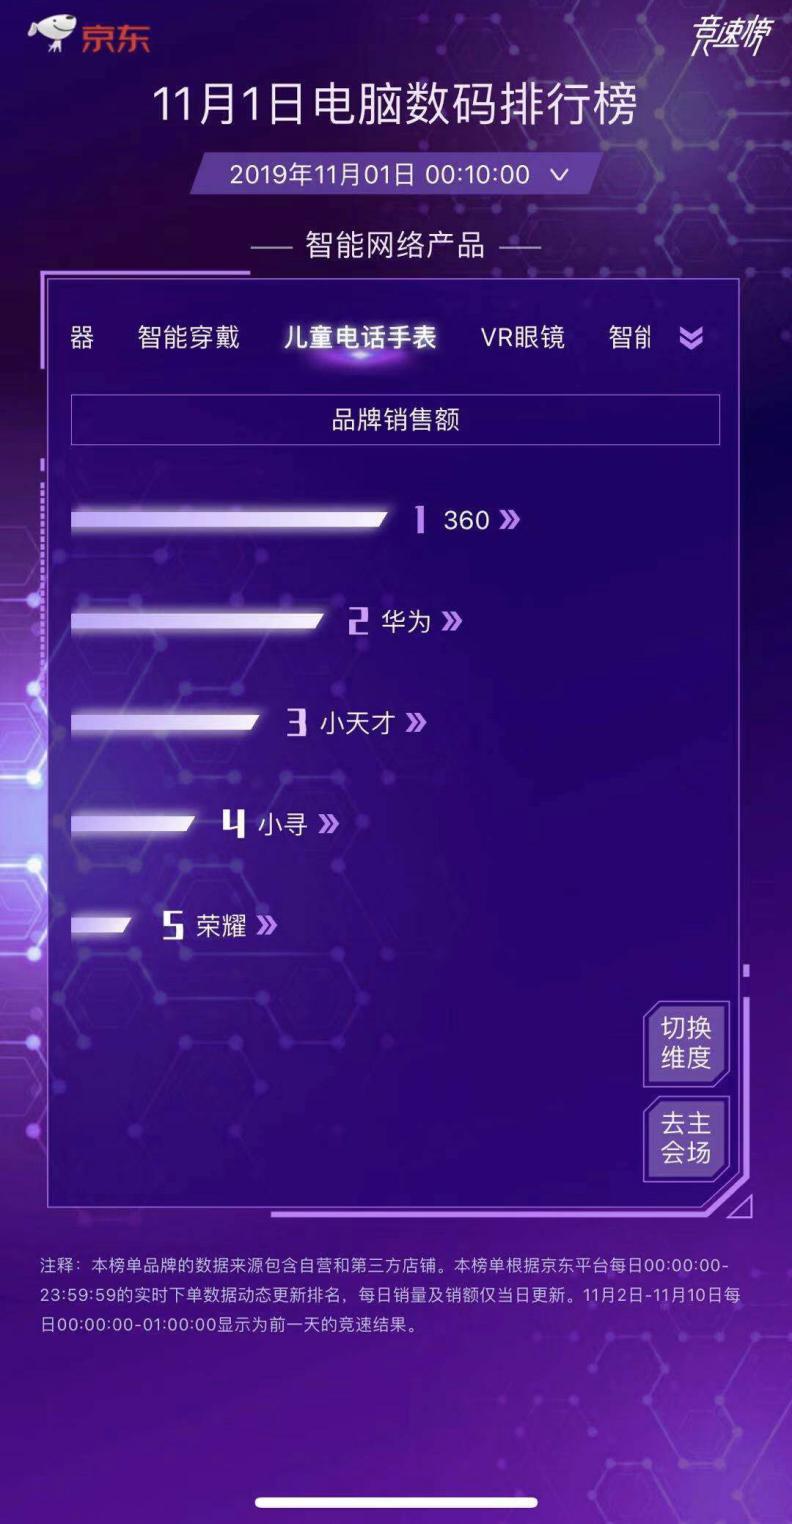 双十一首日开门红 360儿童手表霸榜京东数码竞速榜单